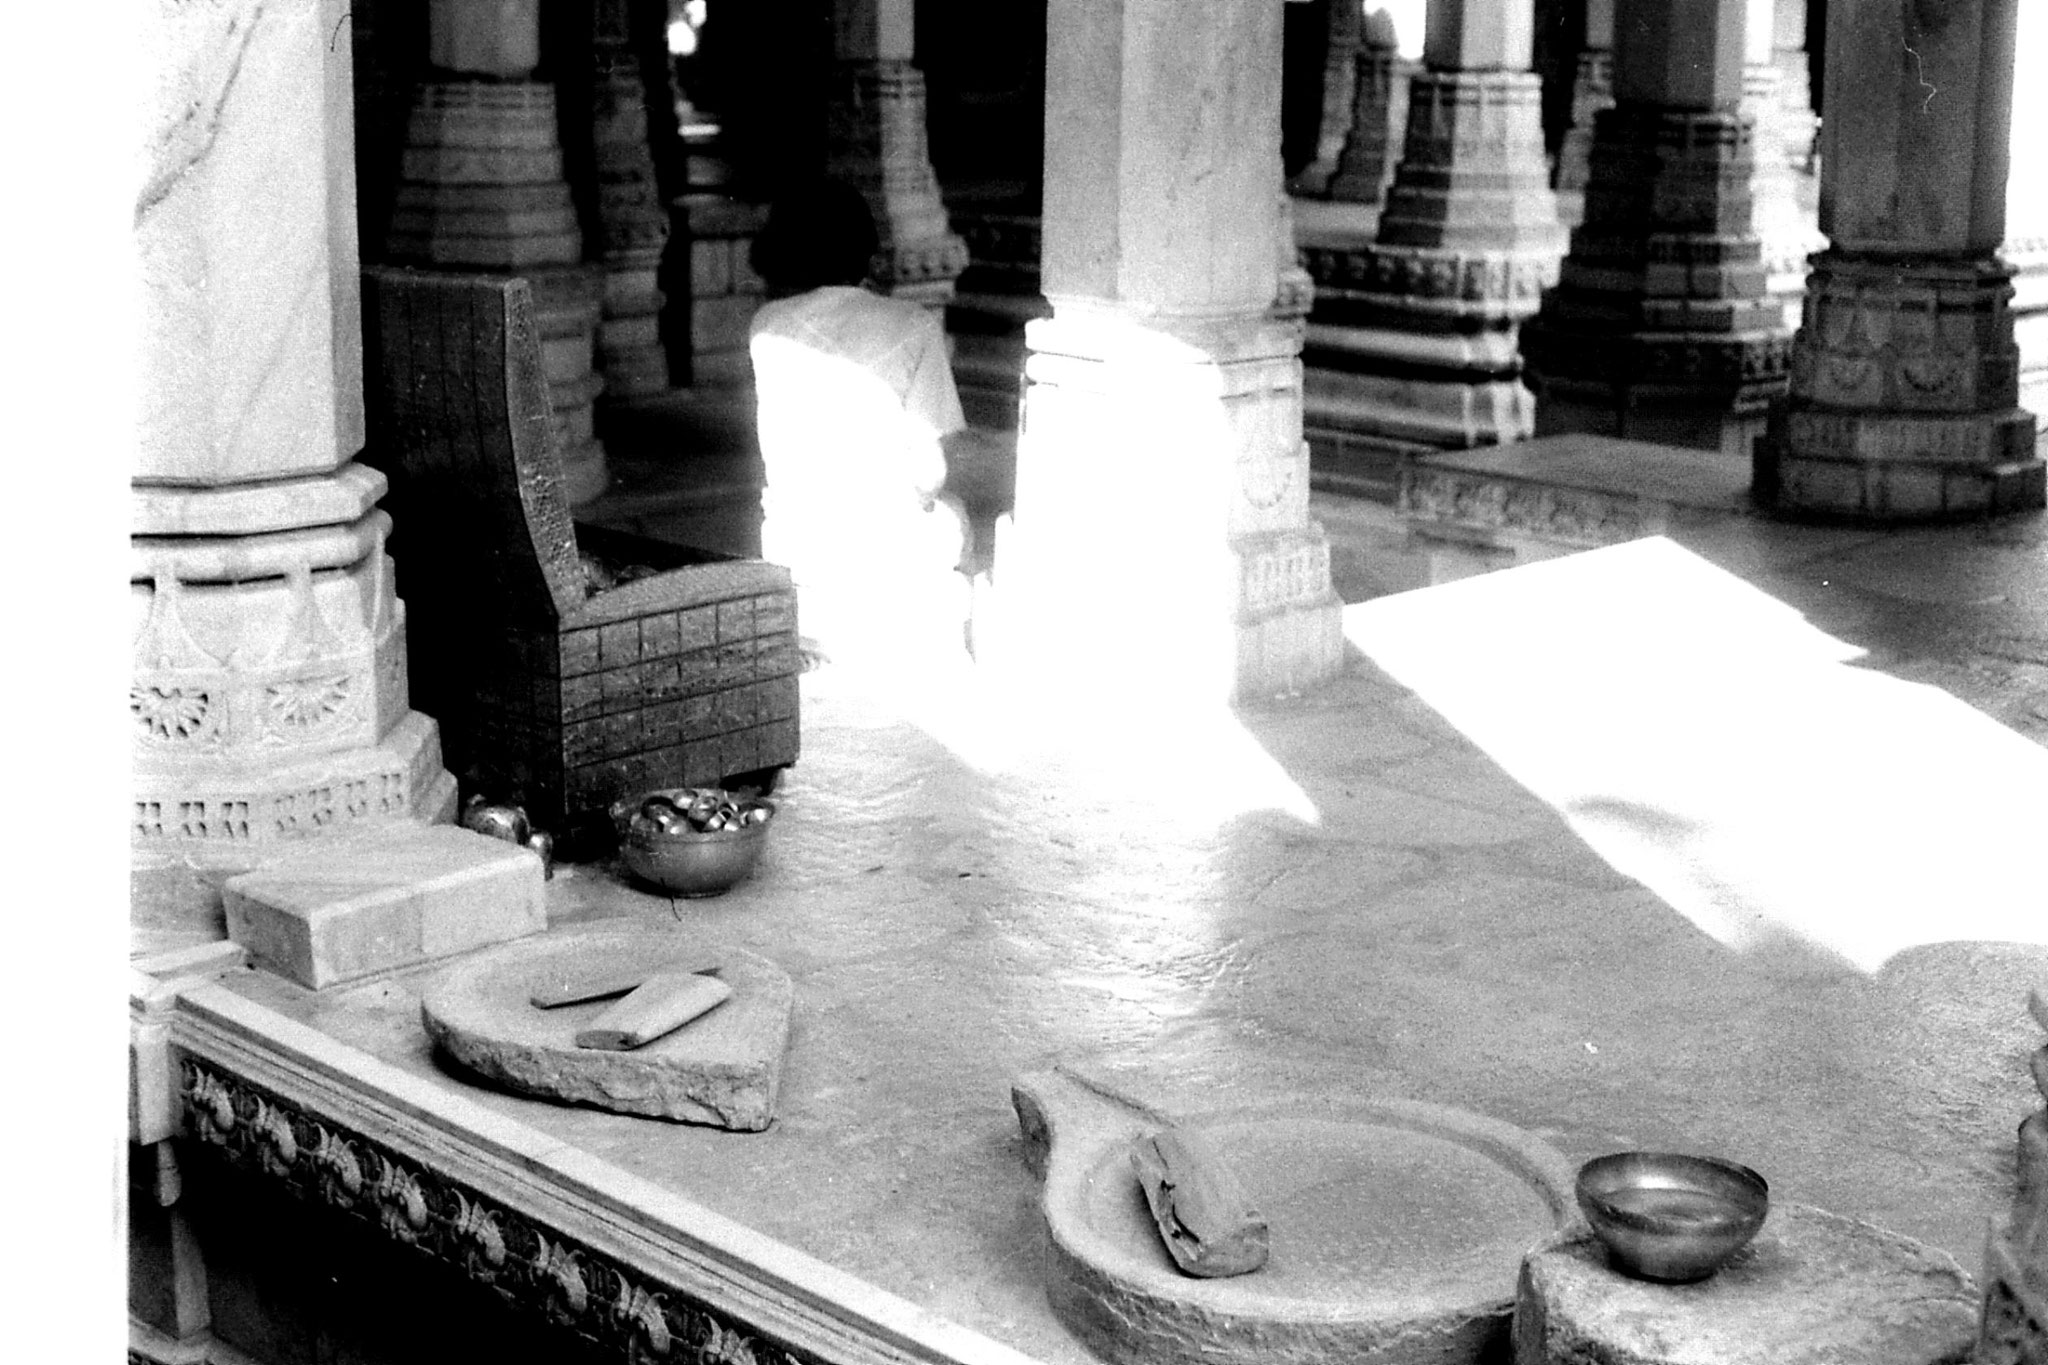 6/12/1989: 7: Ranakpur Jain temple